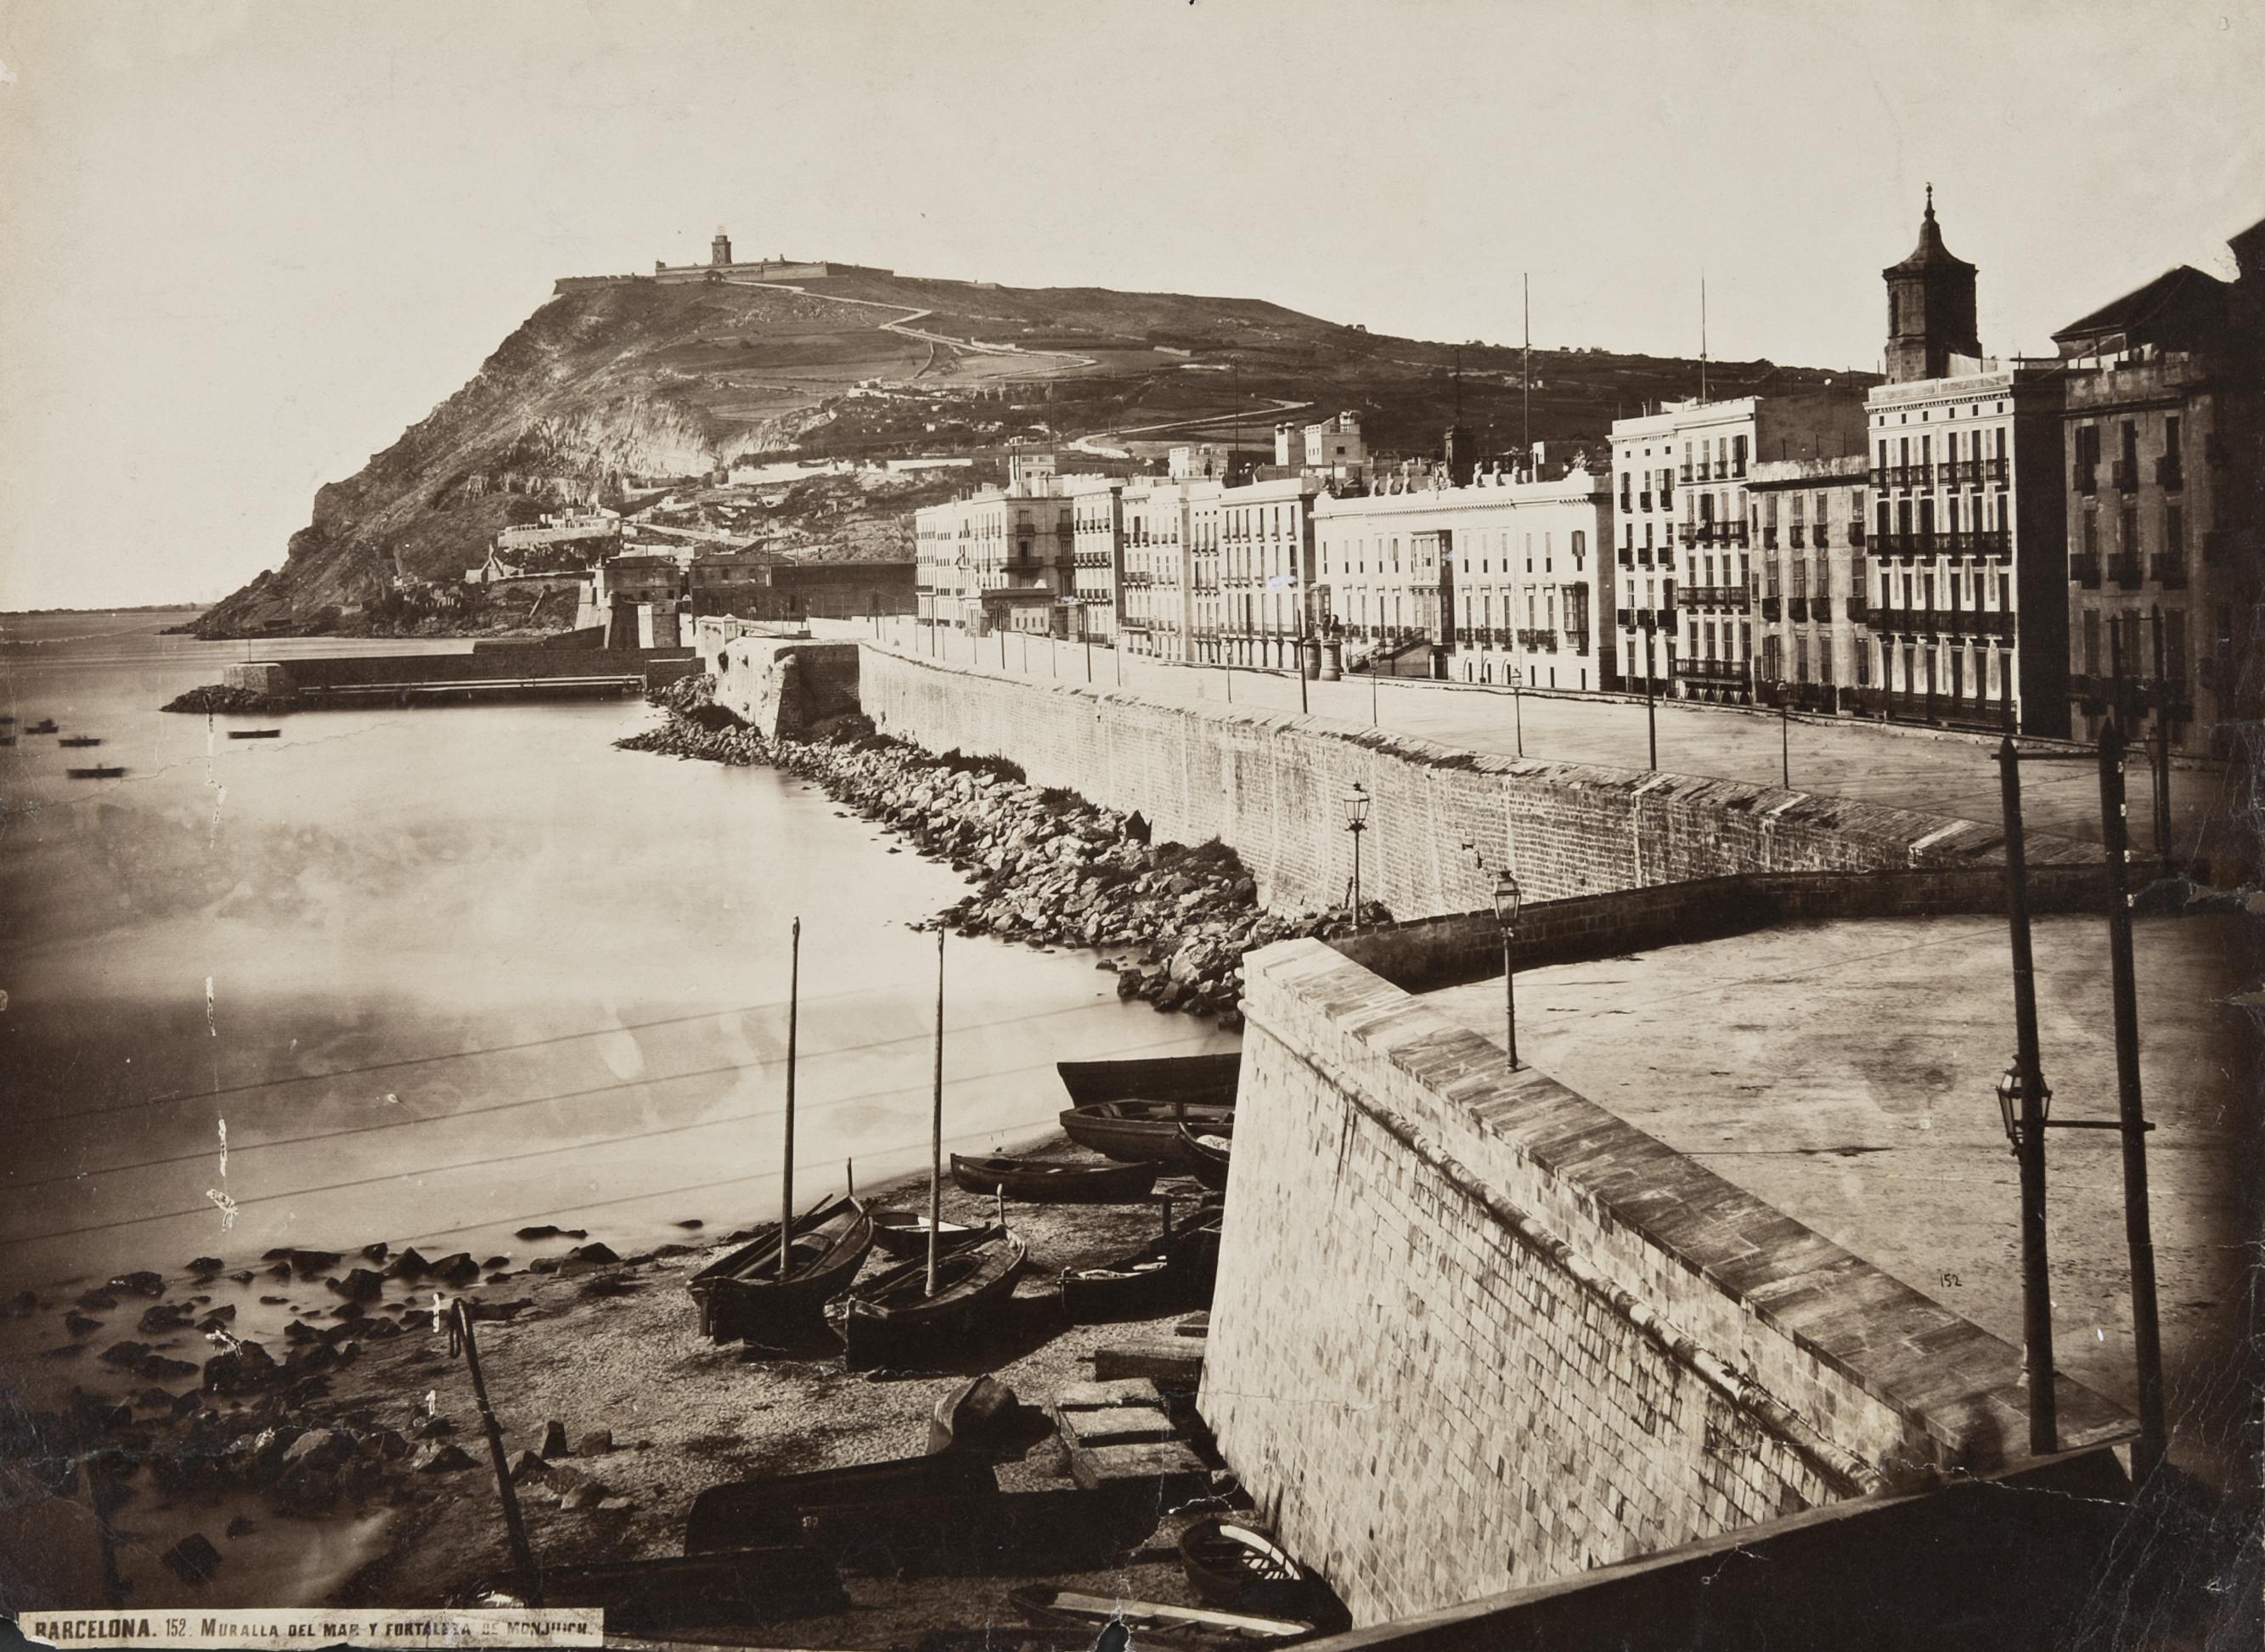 C.Clifford Barcelona Muralla del Mar i castell de Montjuich, 1860 Tiratge d'època